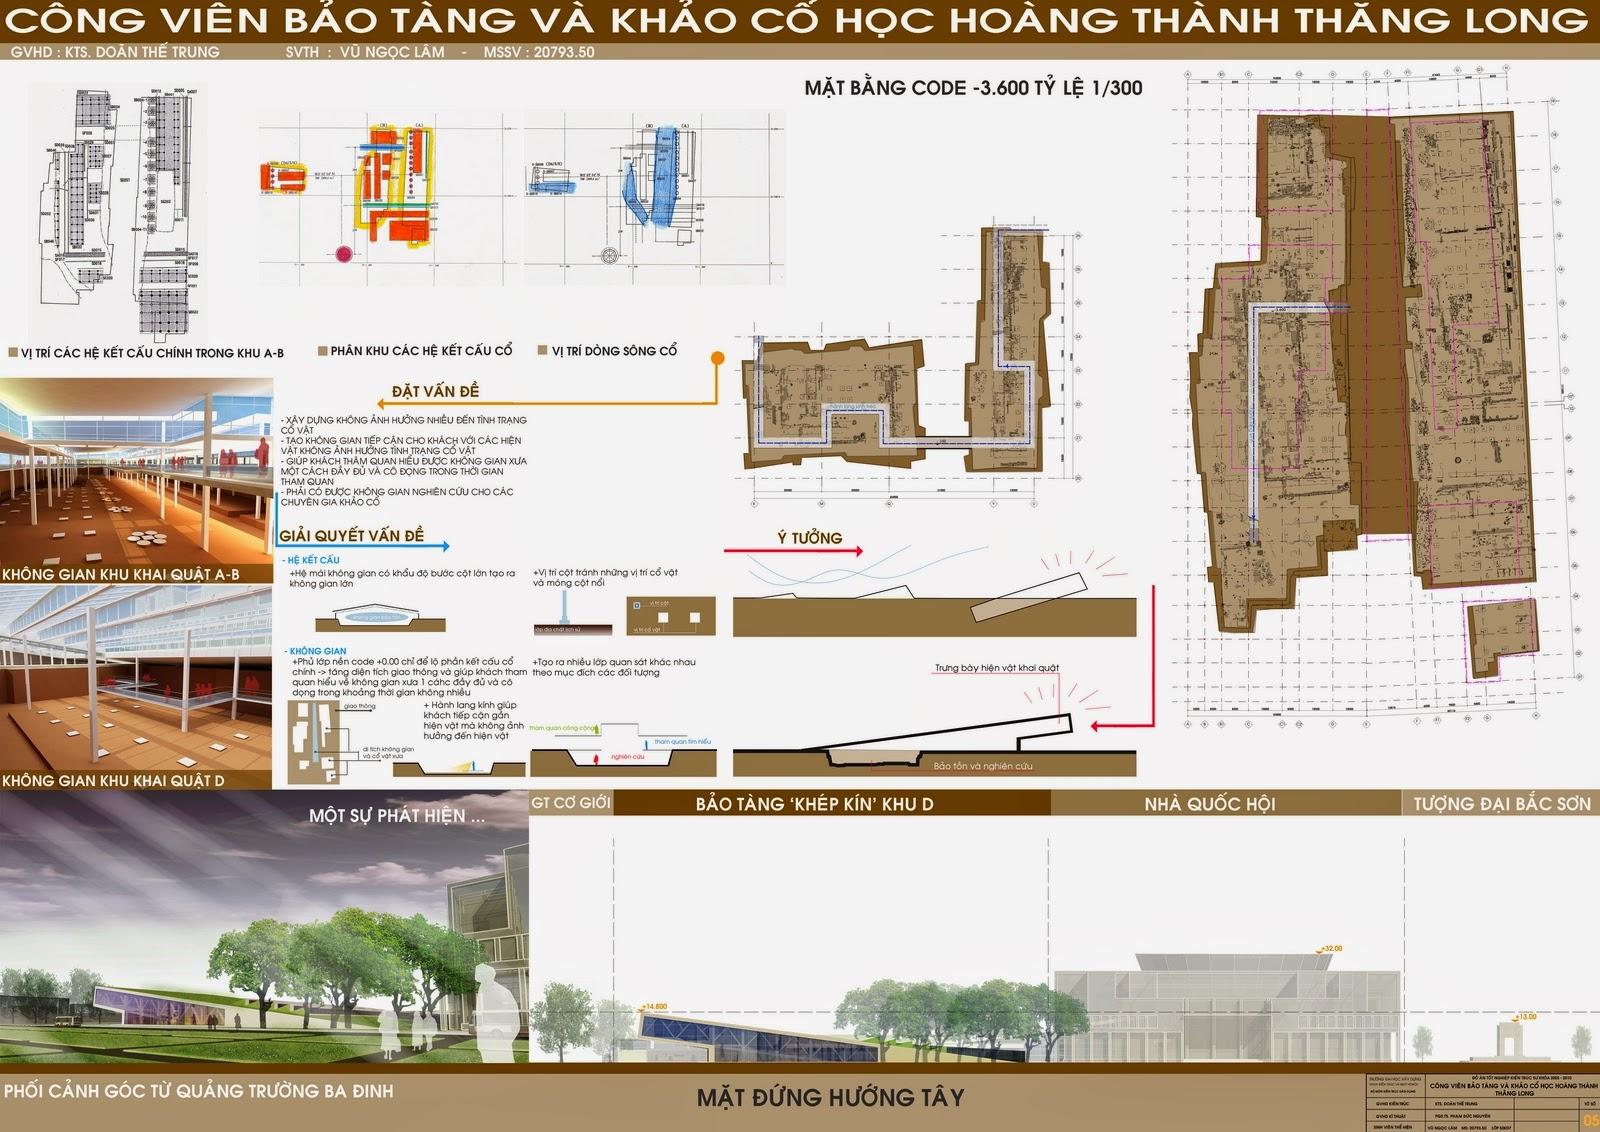 Bảo tàng khảo cổ học hoàng thành